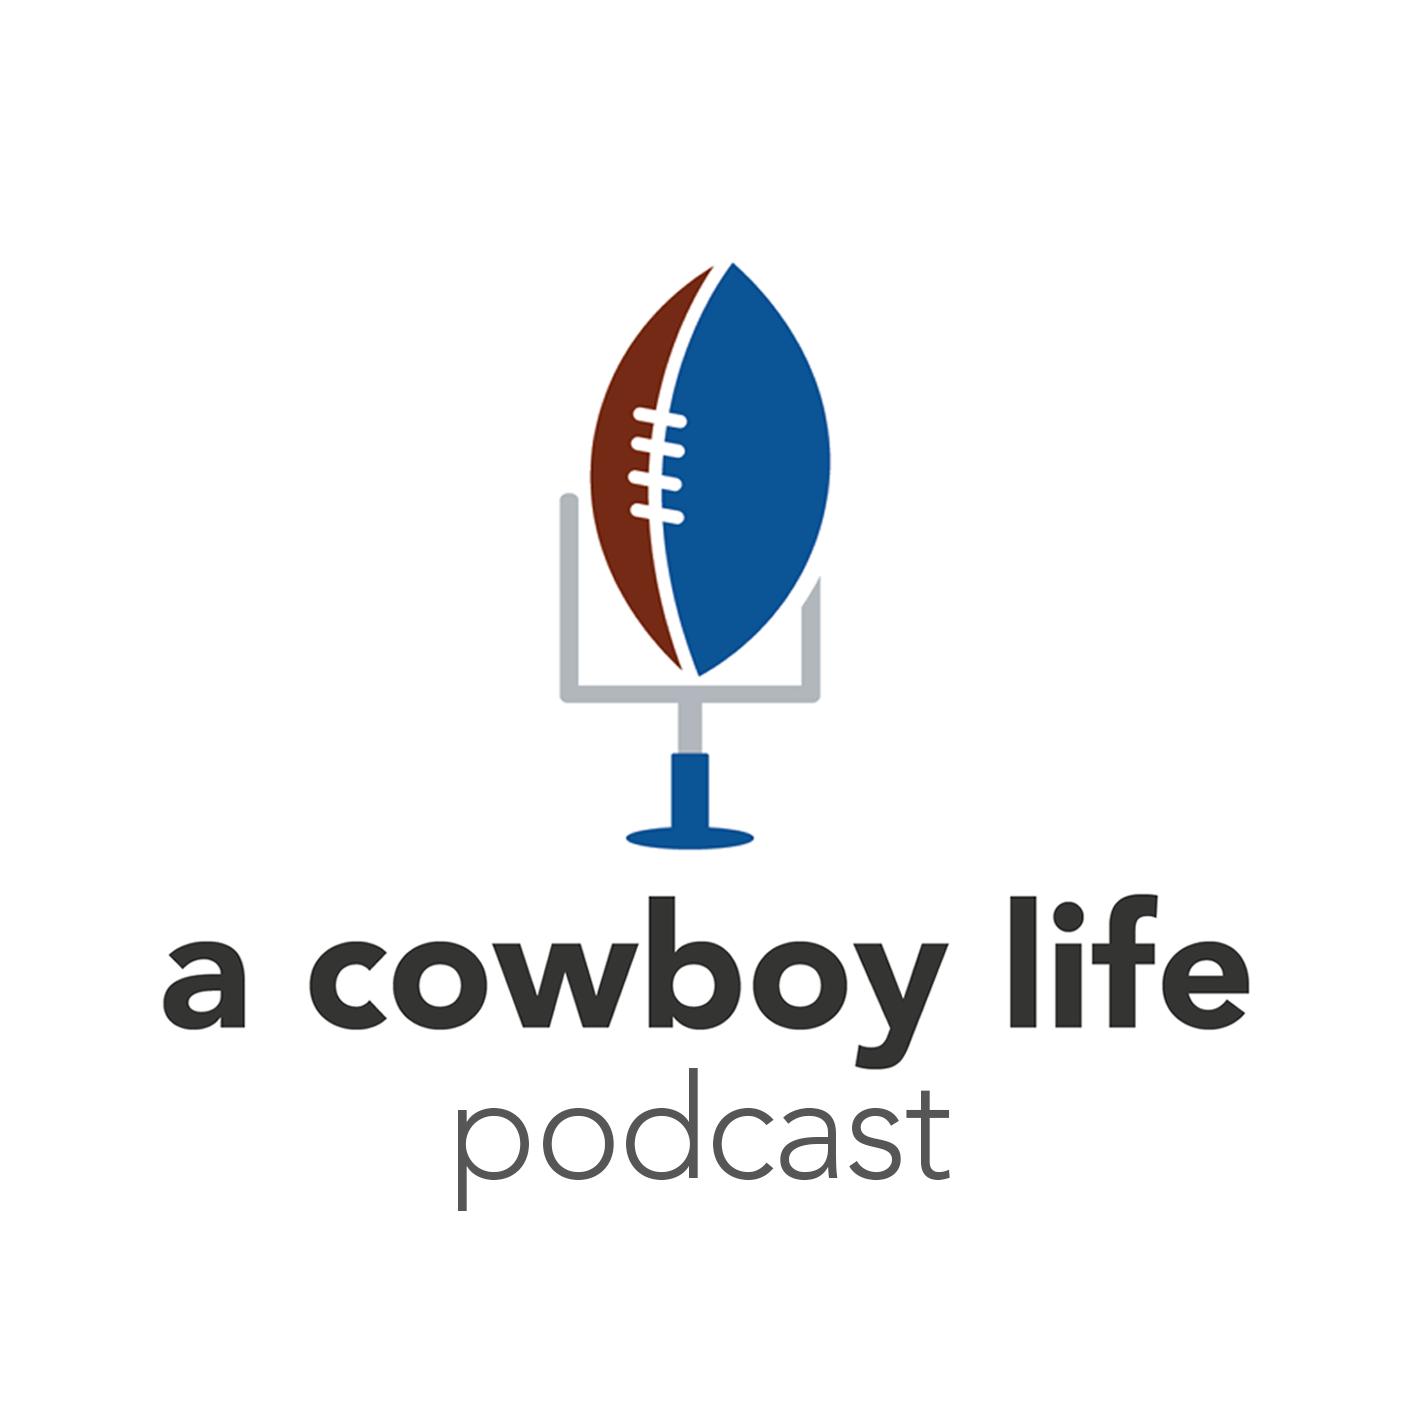 A Cowboy Life